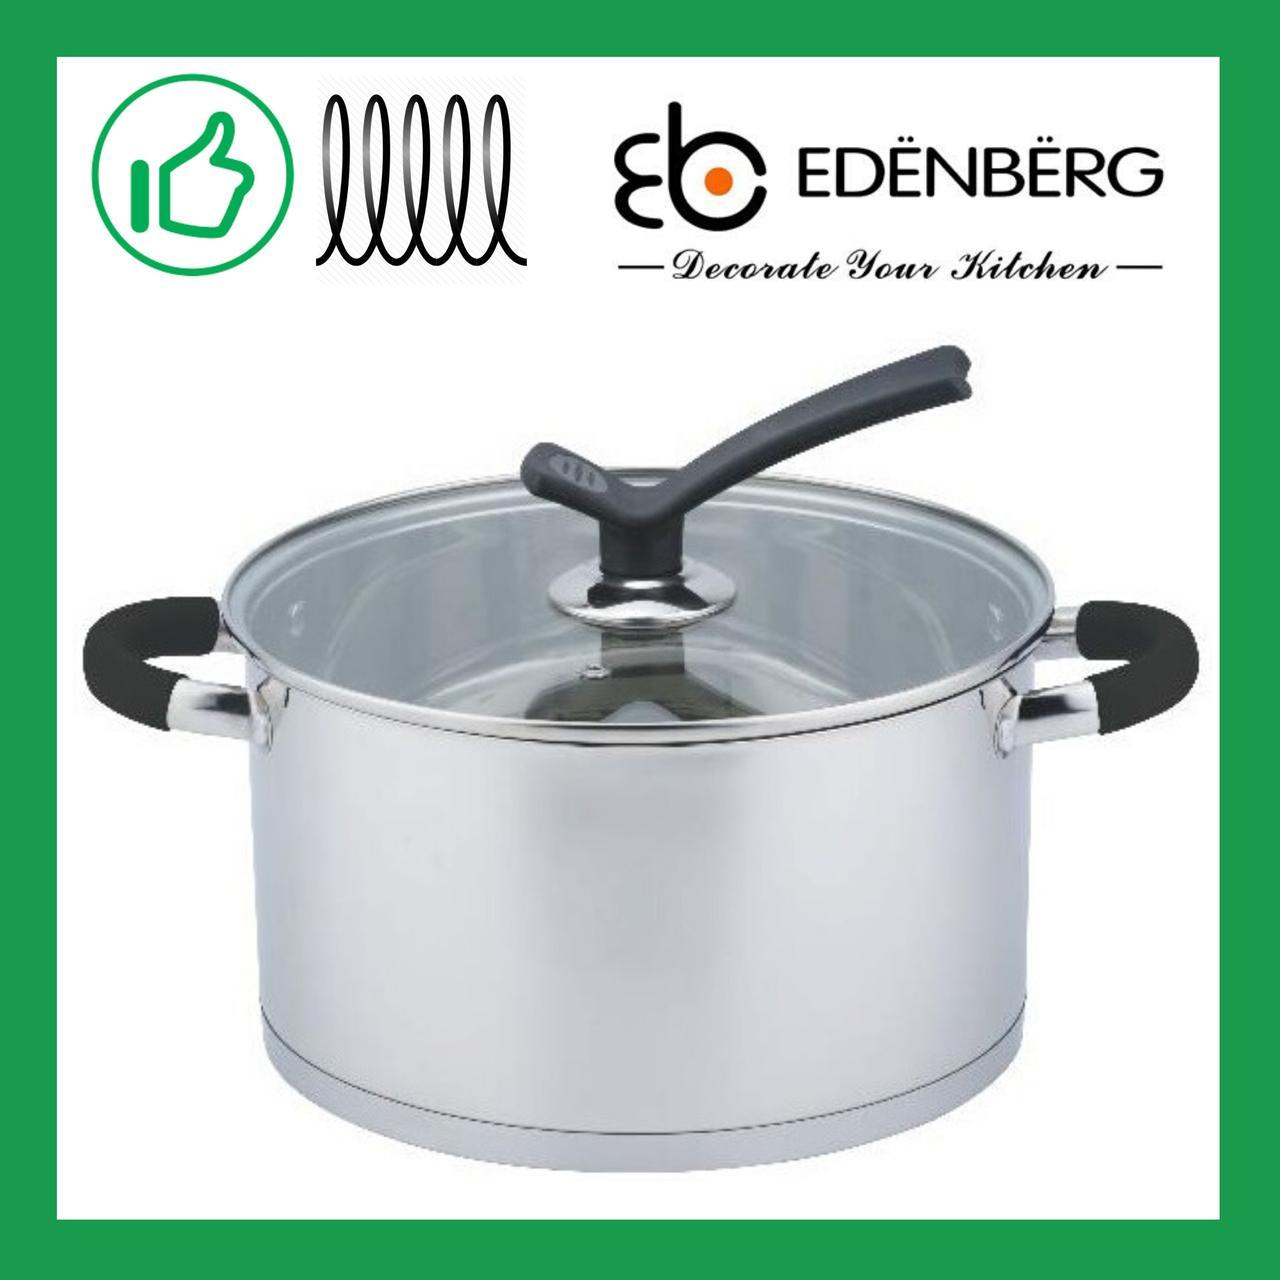 Кастрюля 1.9 л из нержавеющей стали с крышкой Edenberg (EB-3693)